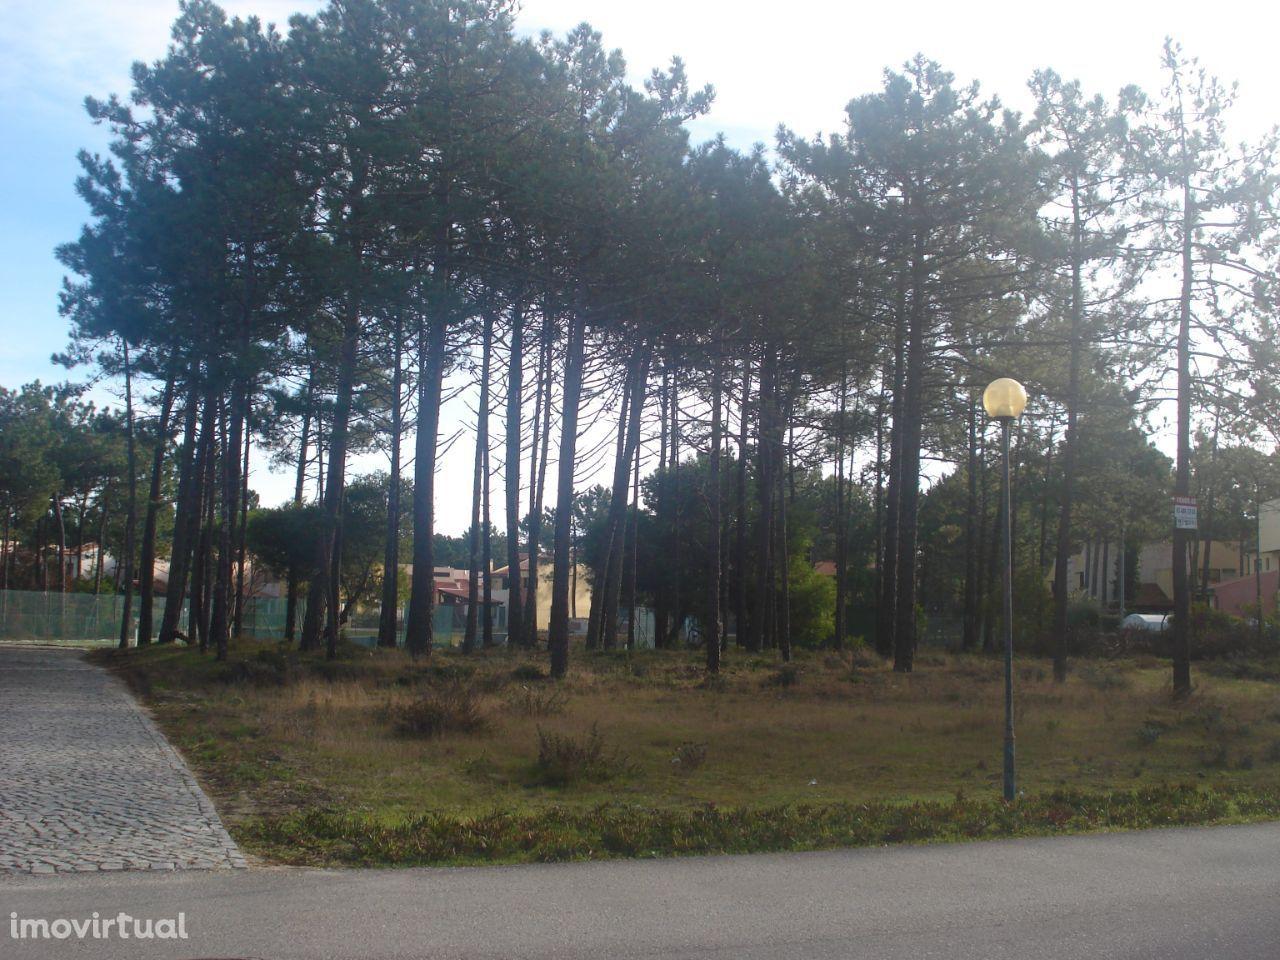 Praia de Mira - Mira Villas terreno para moradia